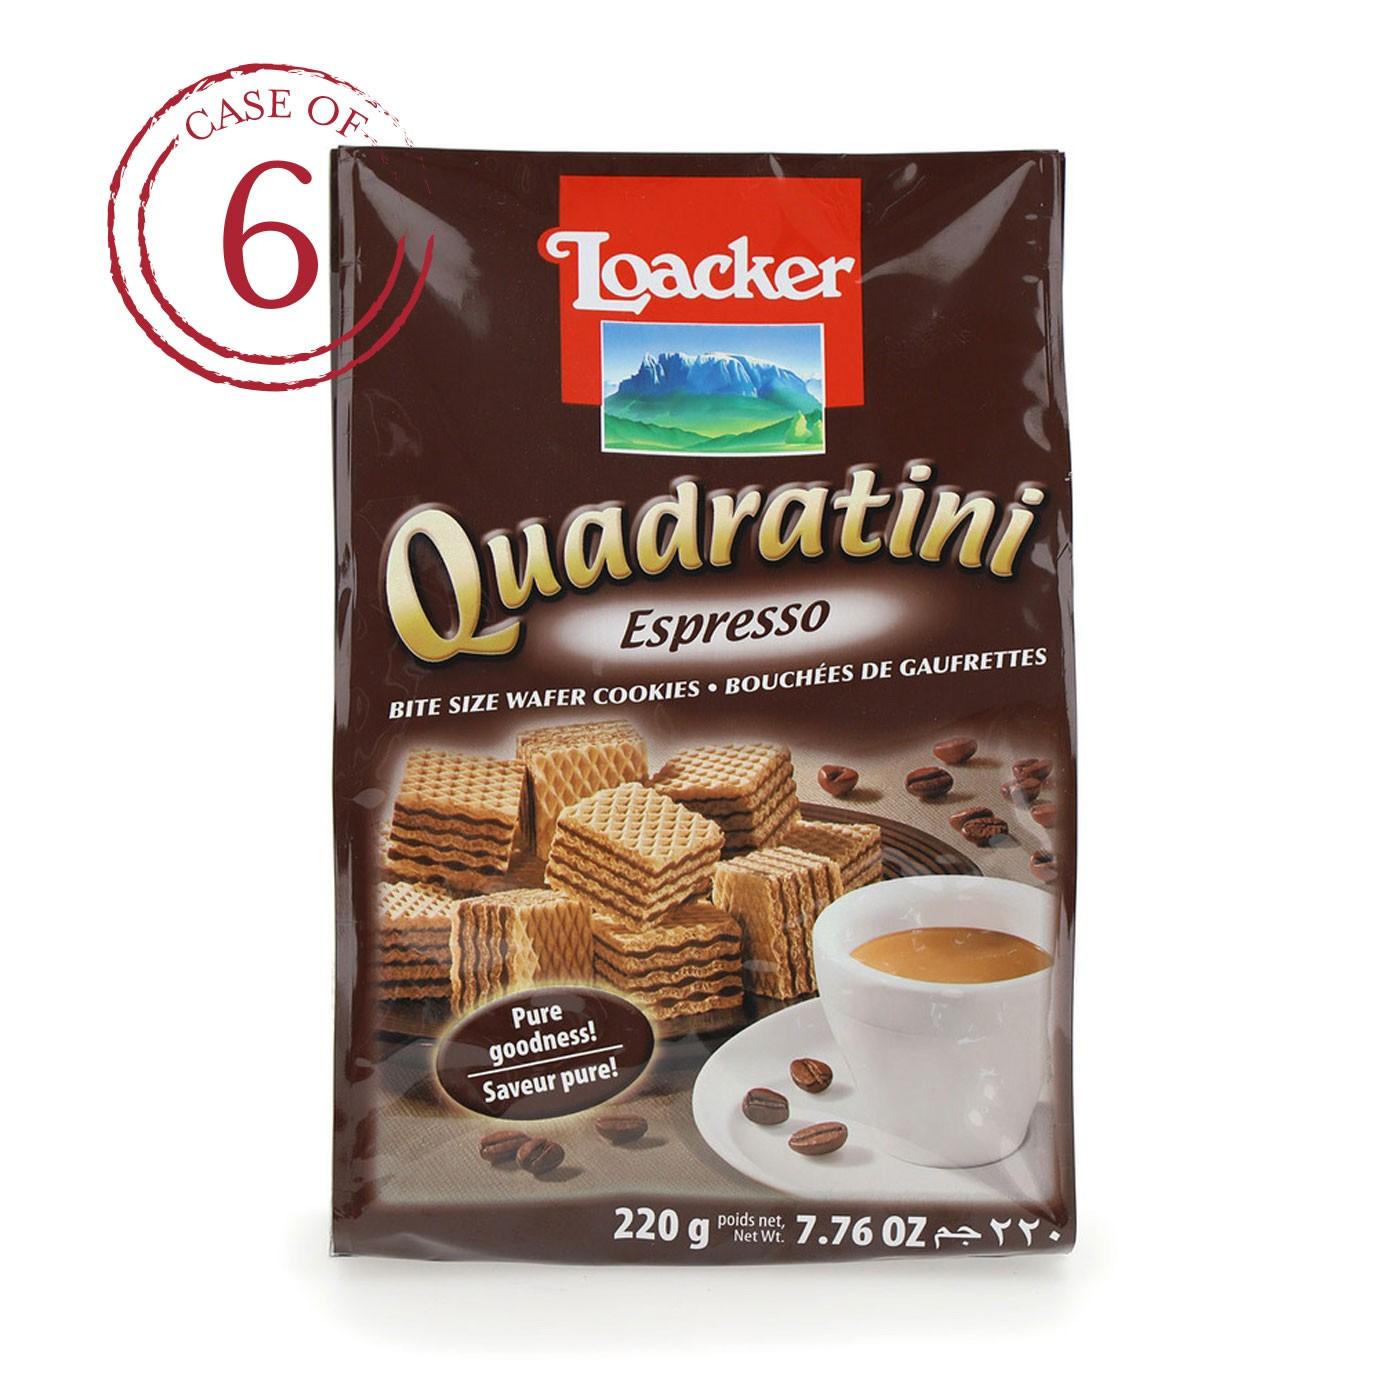 Espresso Quadratini 7.7 oz - Case of 6